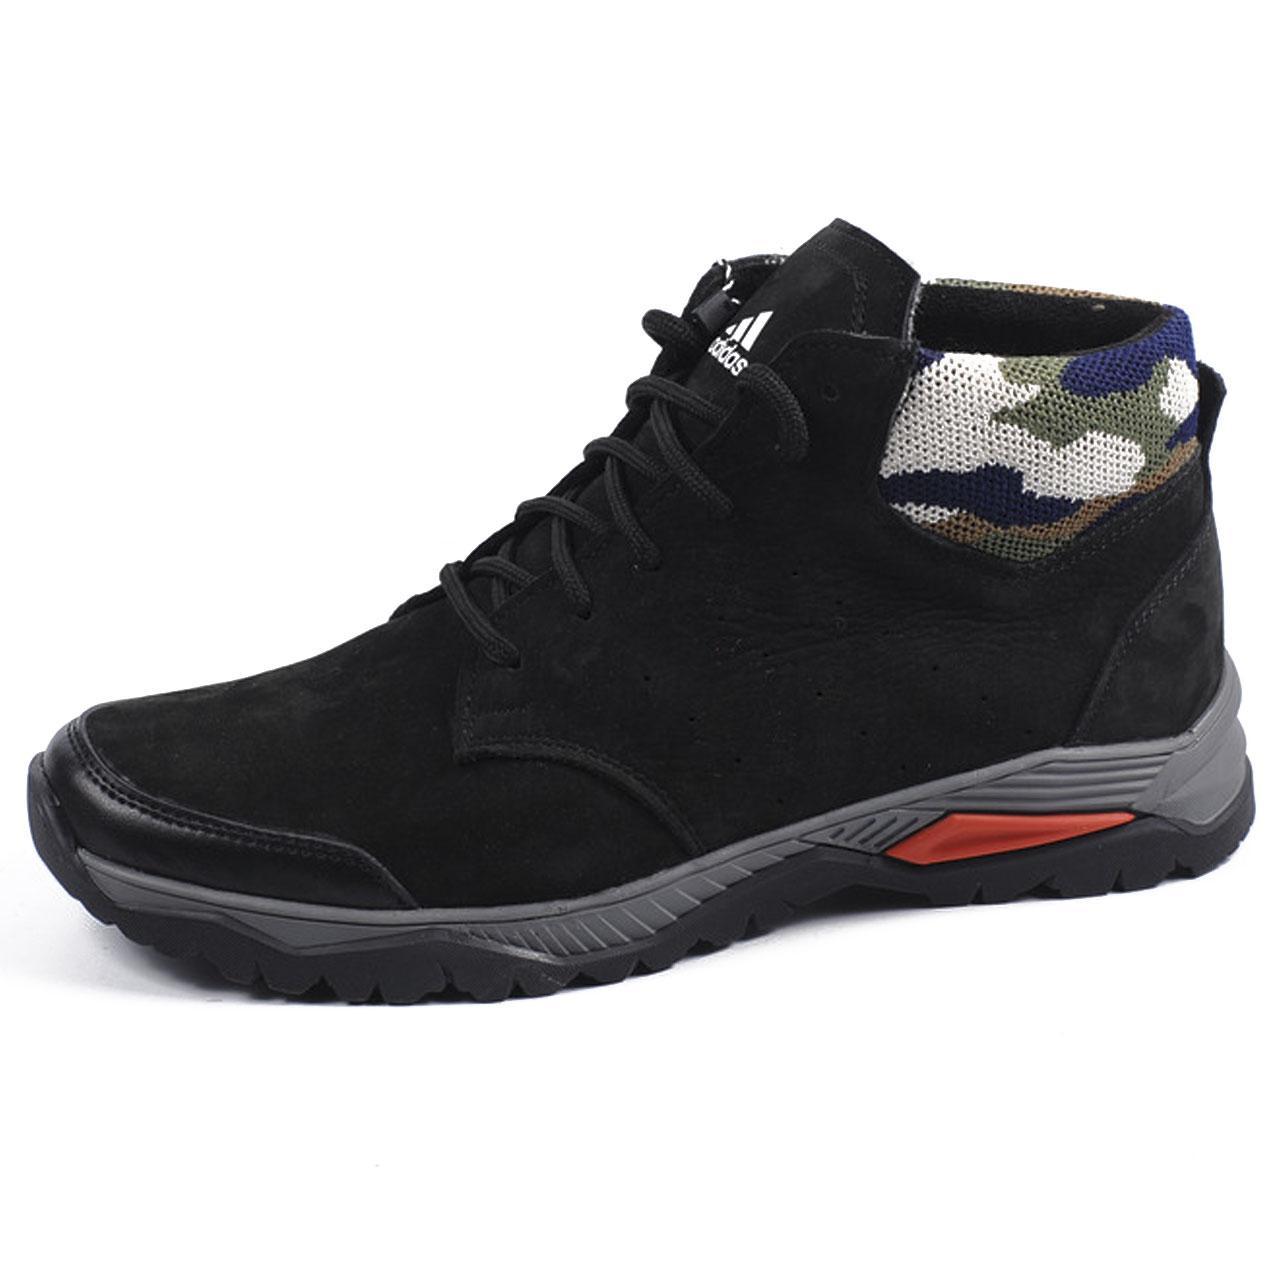 """Мужские кожаные кроссовки Adidas зима 2017 (40-44) (реплика) - Магазин одежды и обуви """"Fat Cat"""" в Ужгороде"""